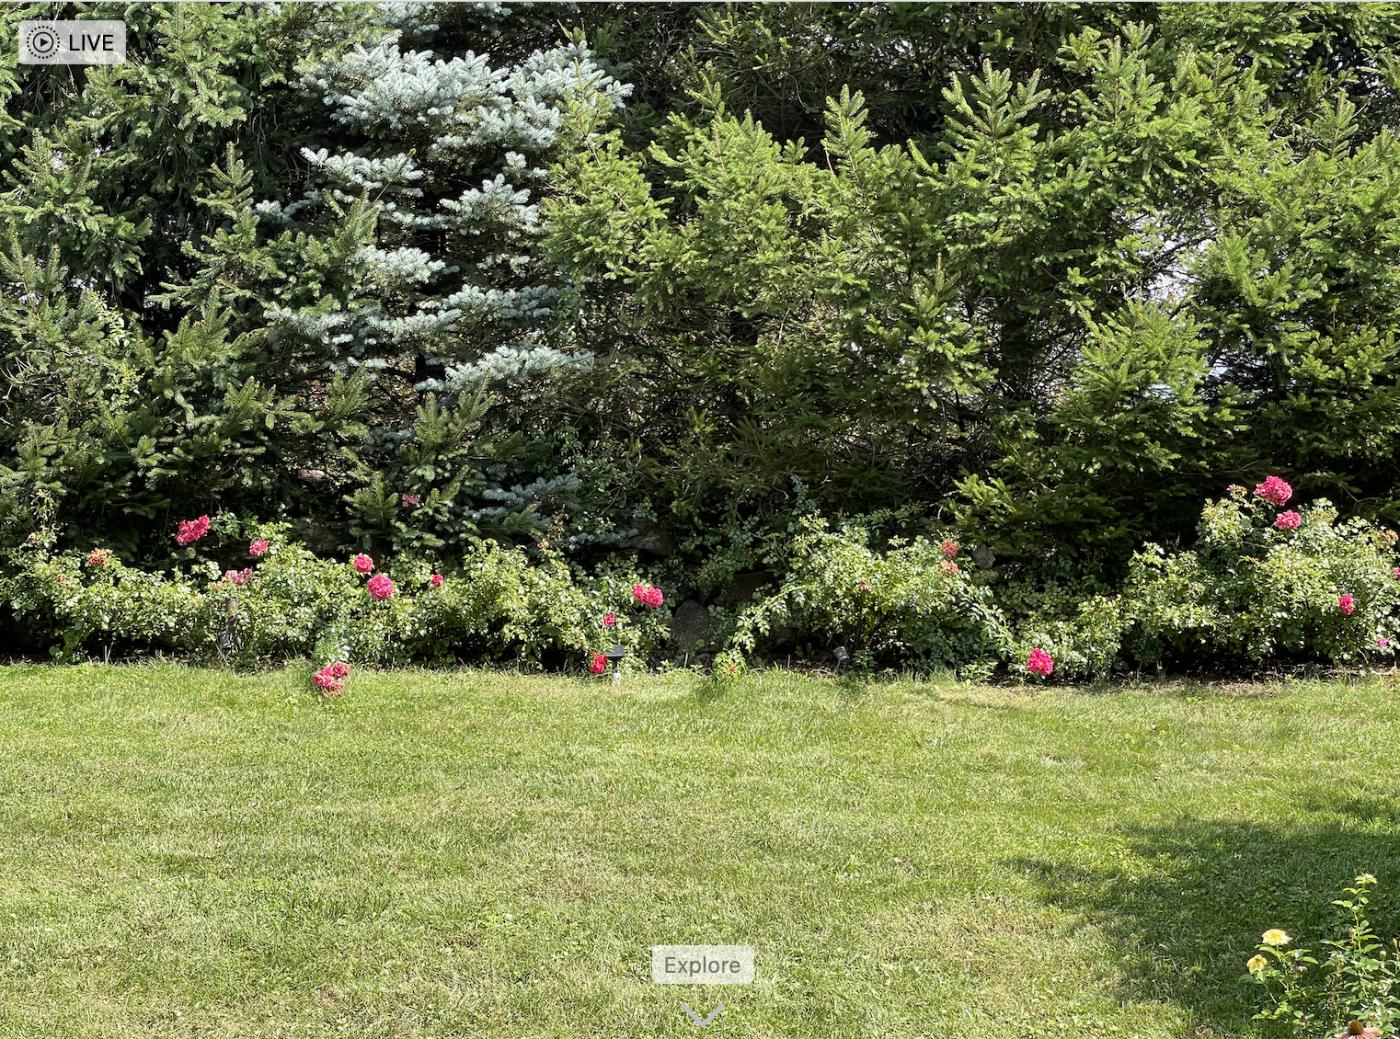 野花、家花、乐高花、苹果干、小龙_图1-12